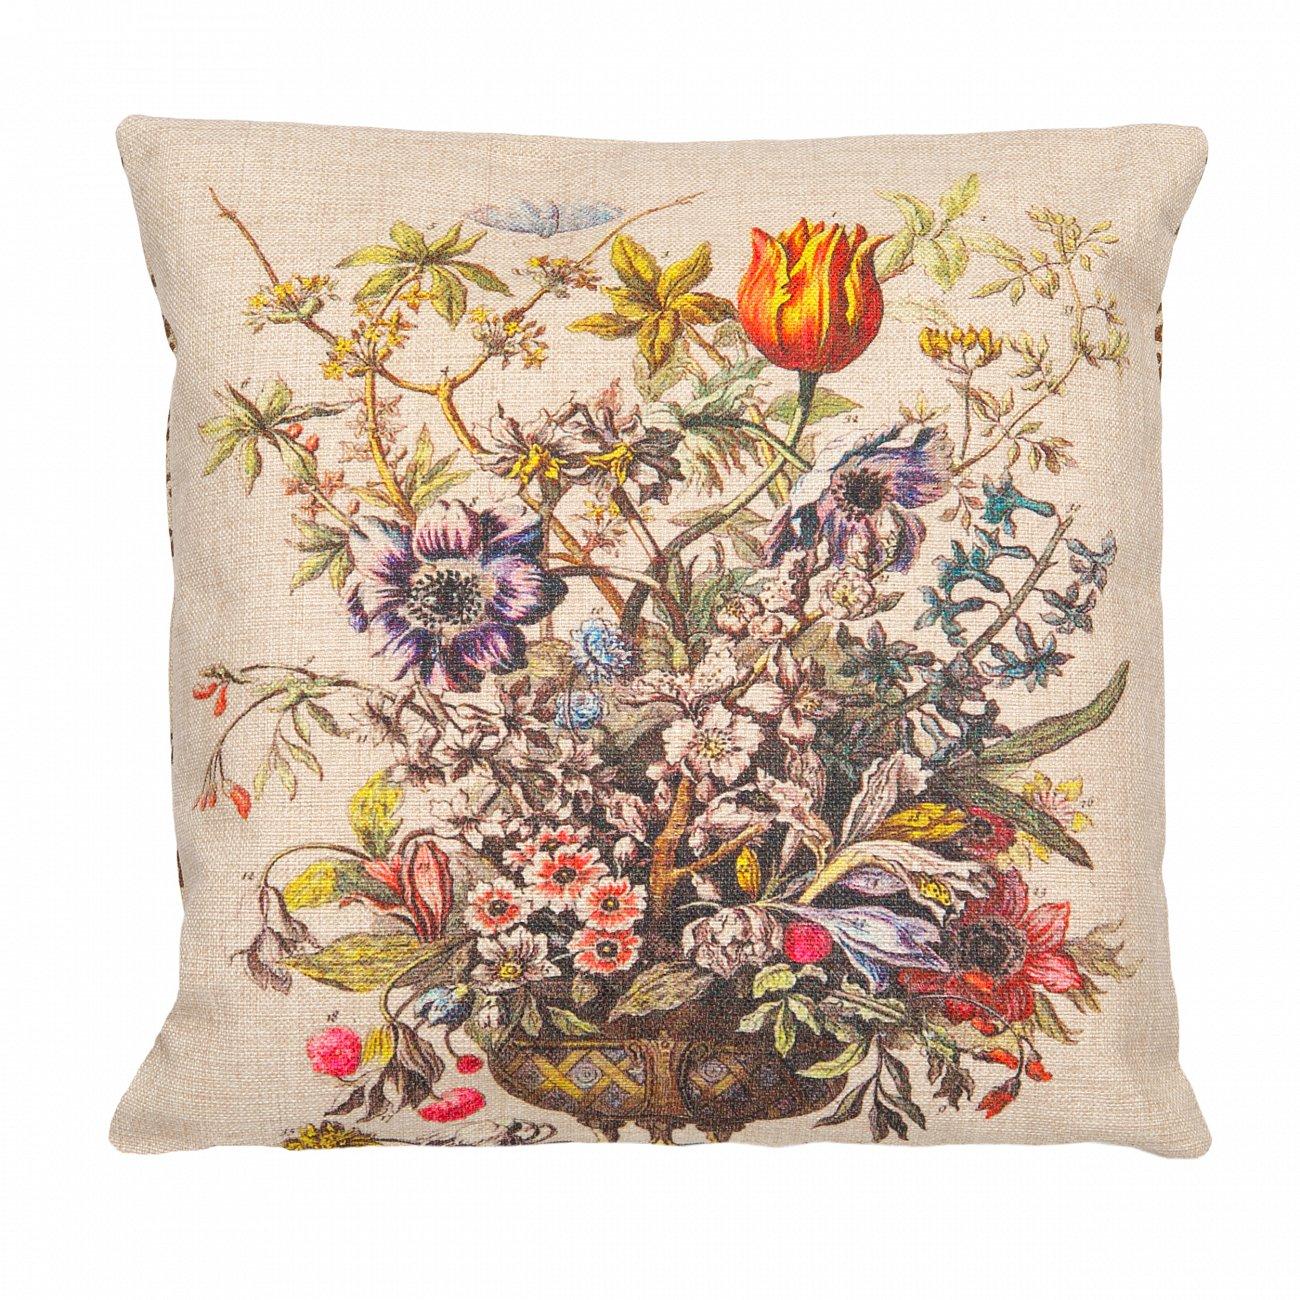 Купить Декоративная подушка «12 месяцев цветения», версия Февраль в интернет магазине дизайнерской мебели и аксессуаров для дома и дачи